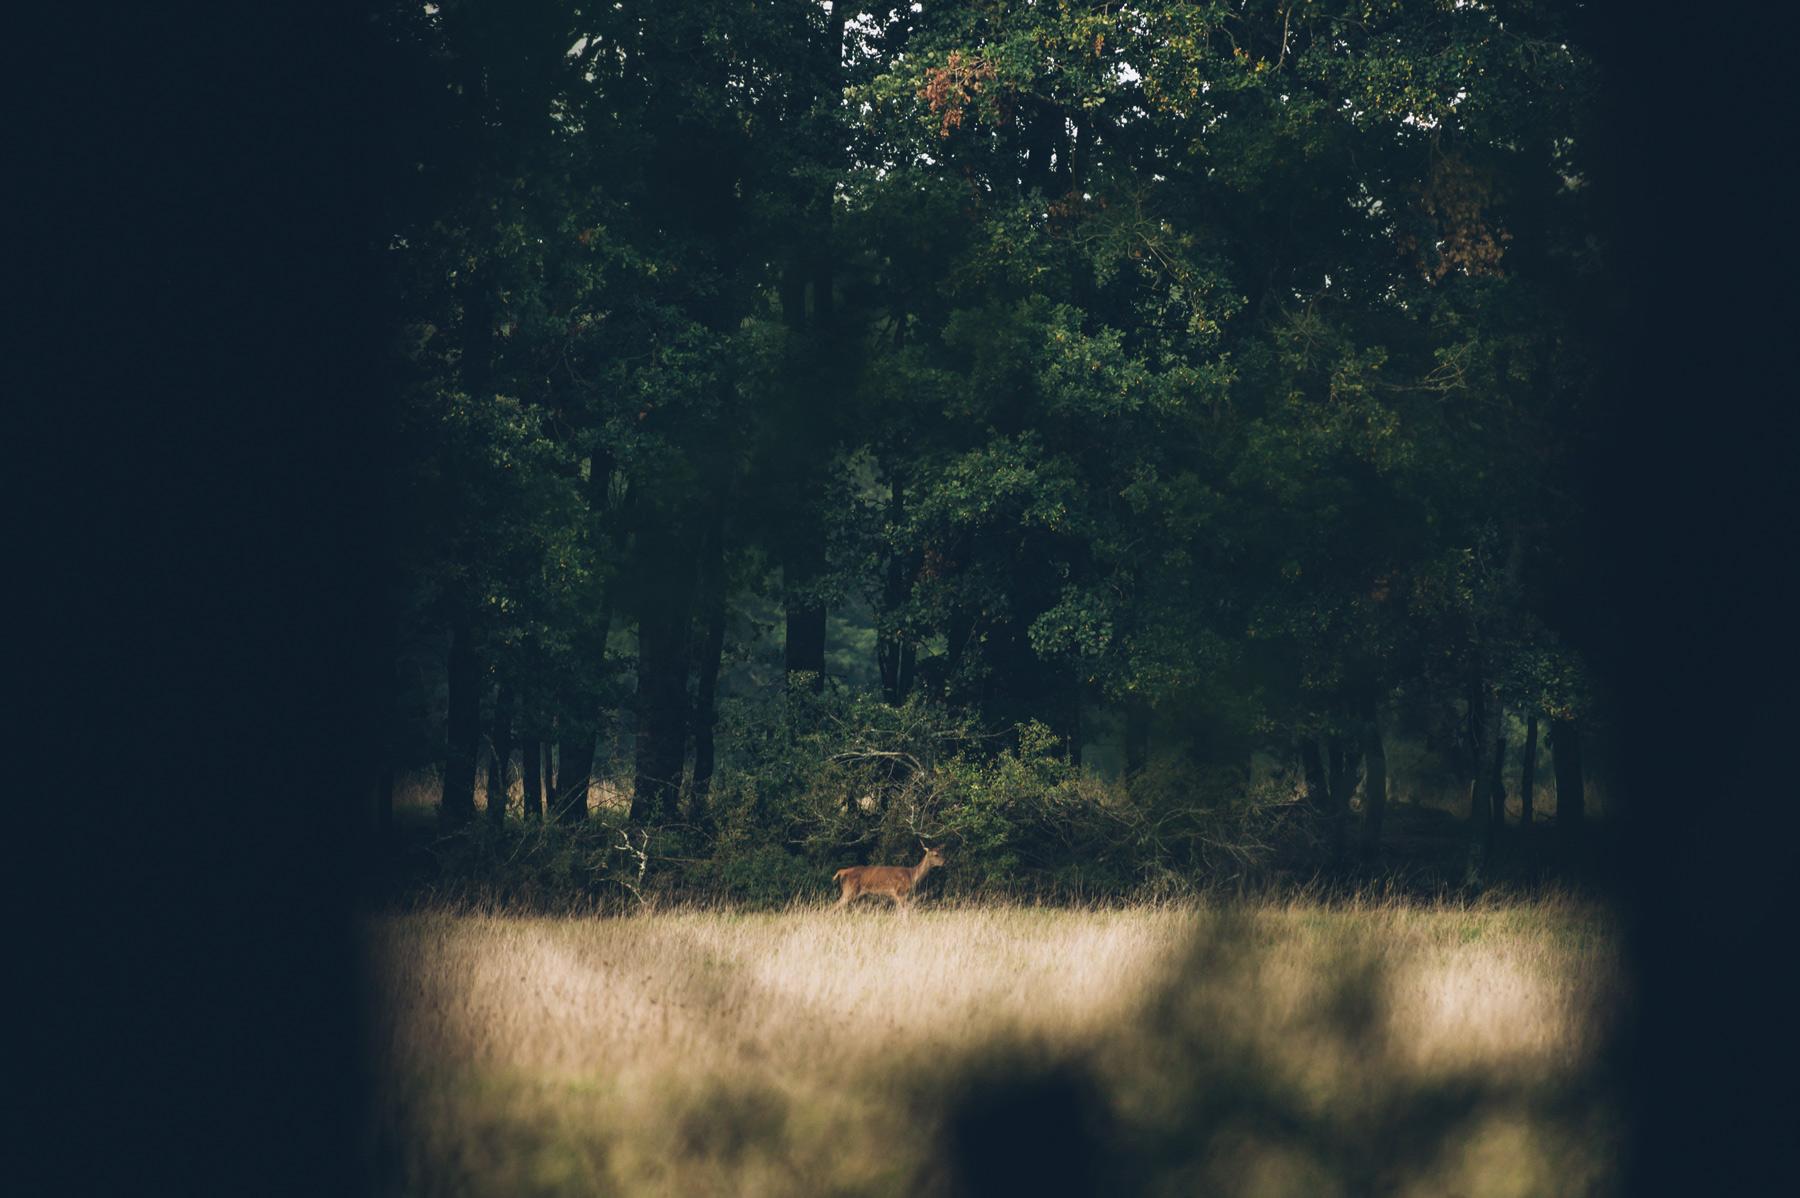 Ou voir le brame du cerf en france?